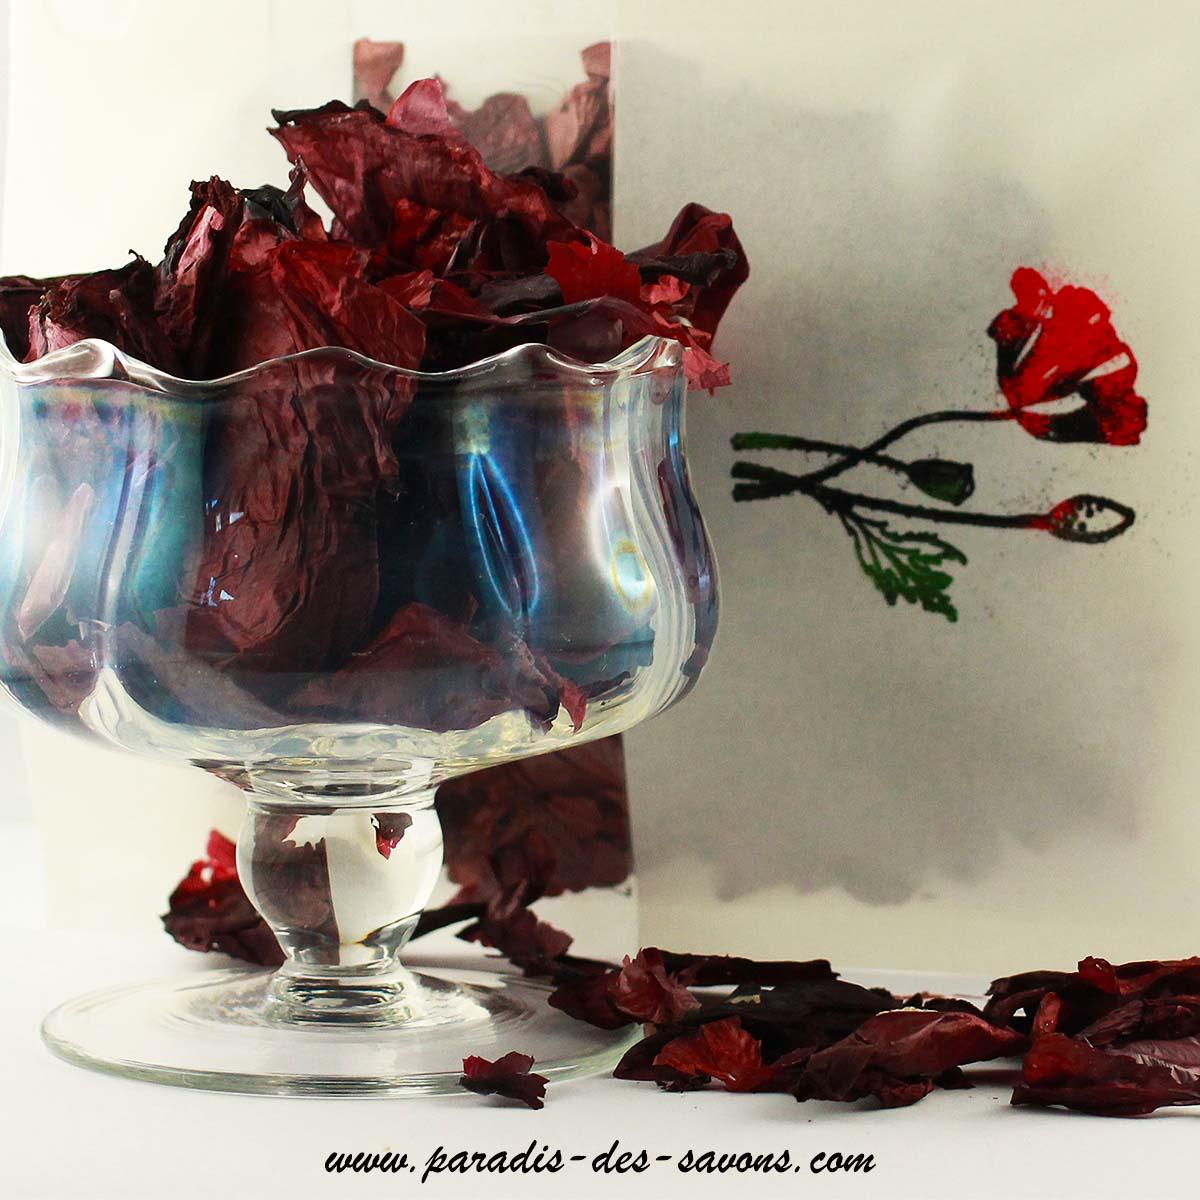 Fleurs de coquelicot séchées